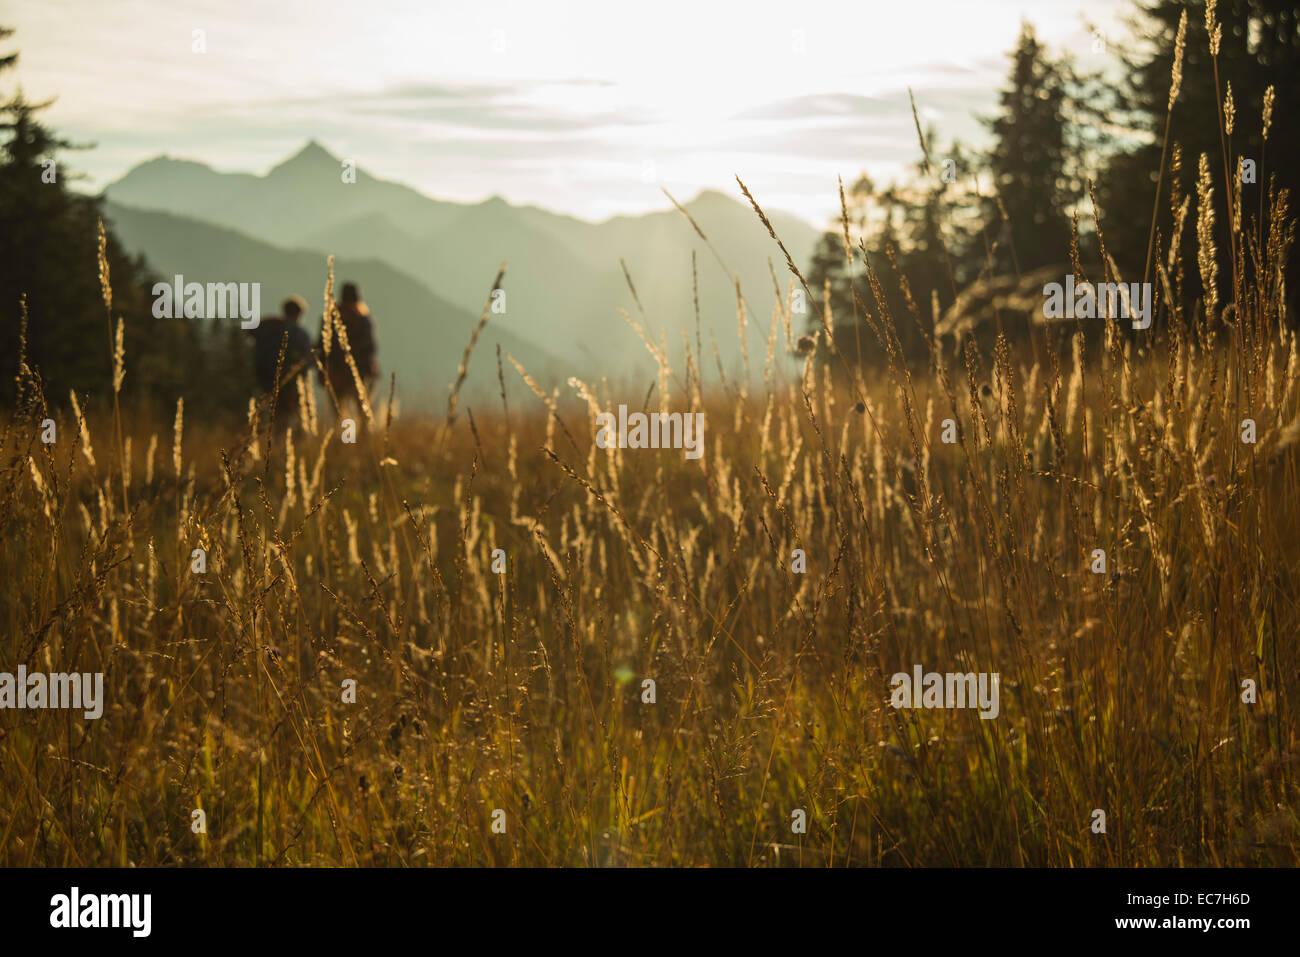 Österreich, Tirol, Tannheimer Tal, hohe Gräser im Sonnenlicht auf Alp Stockbild